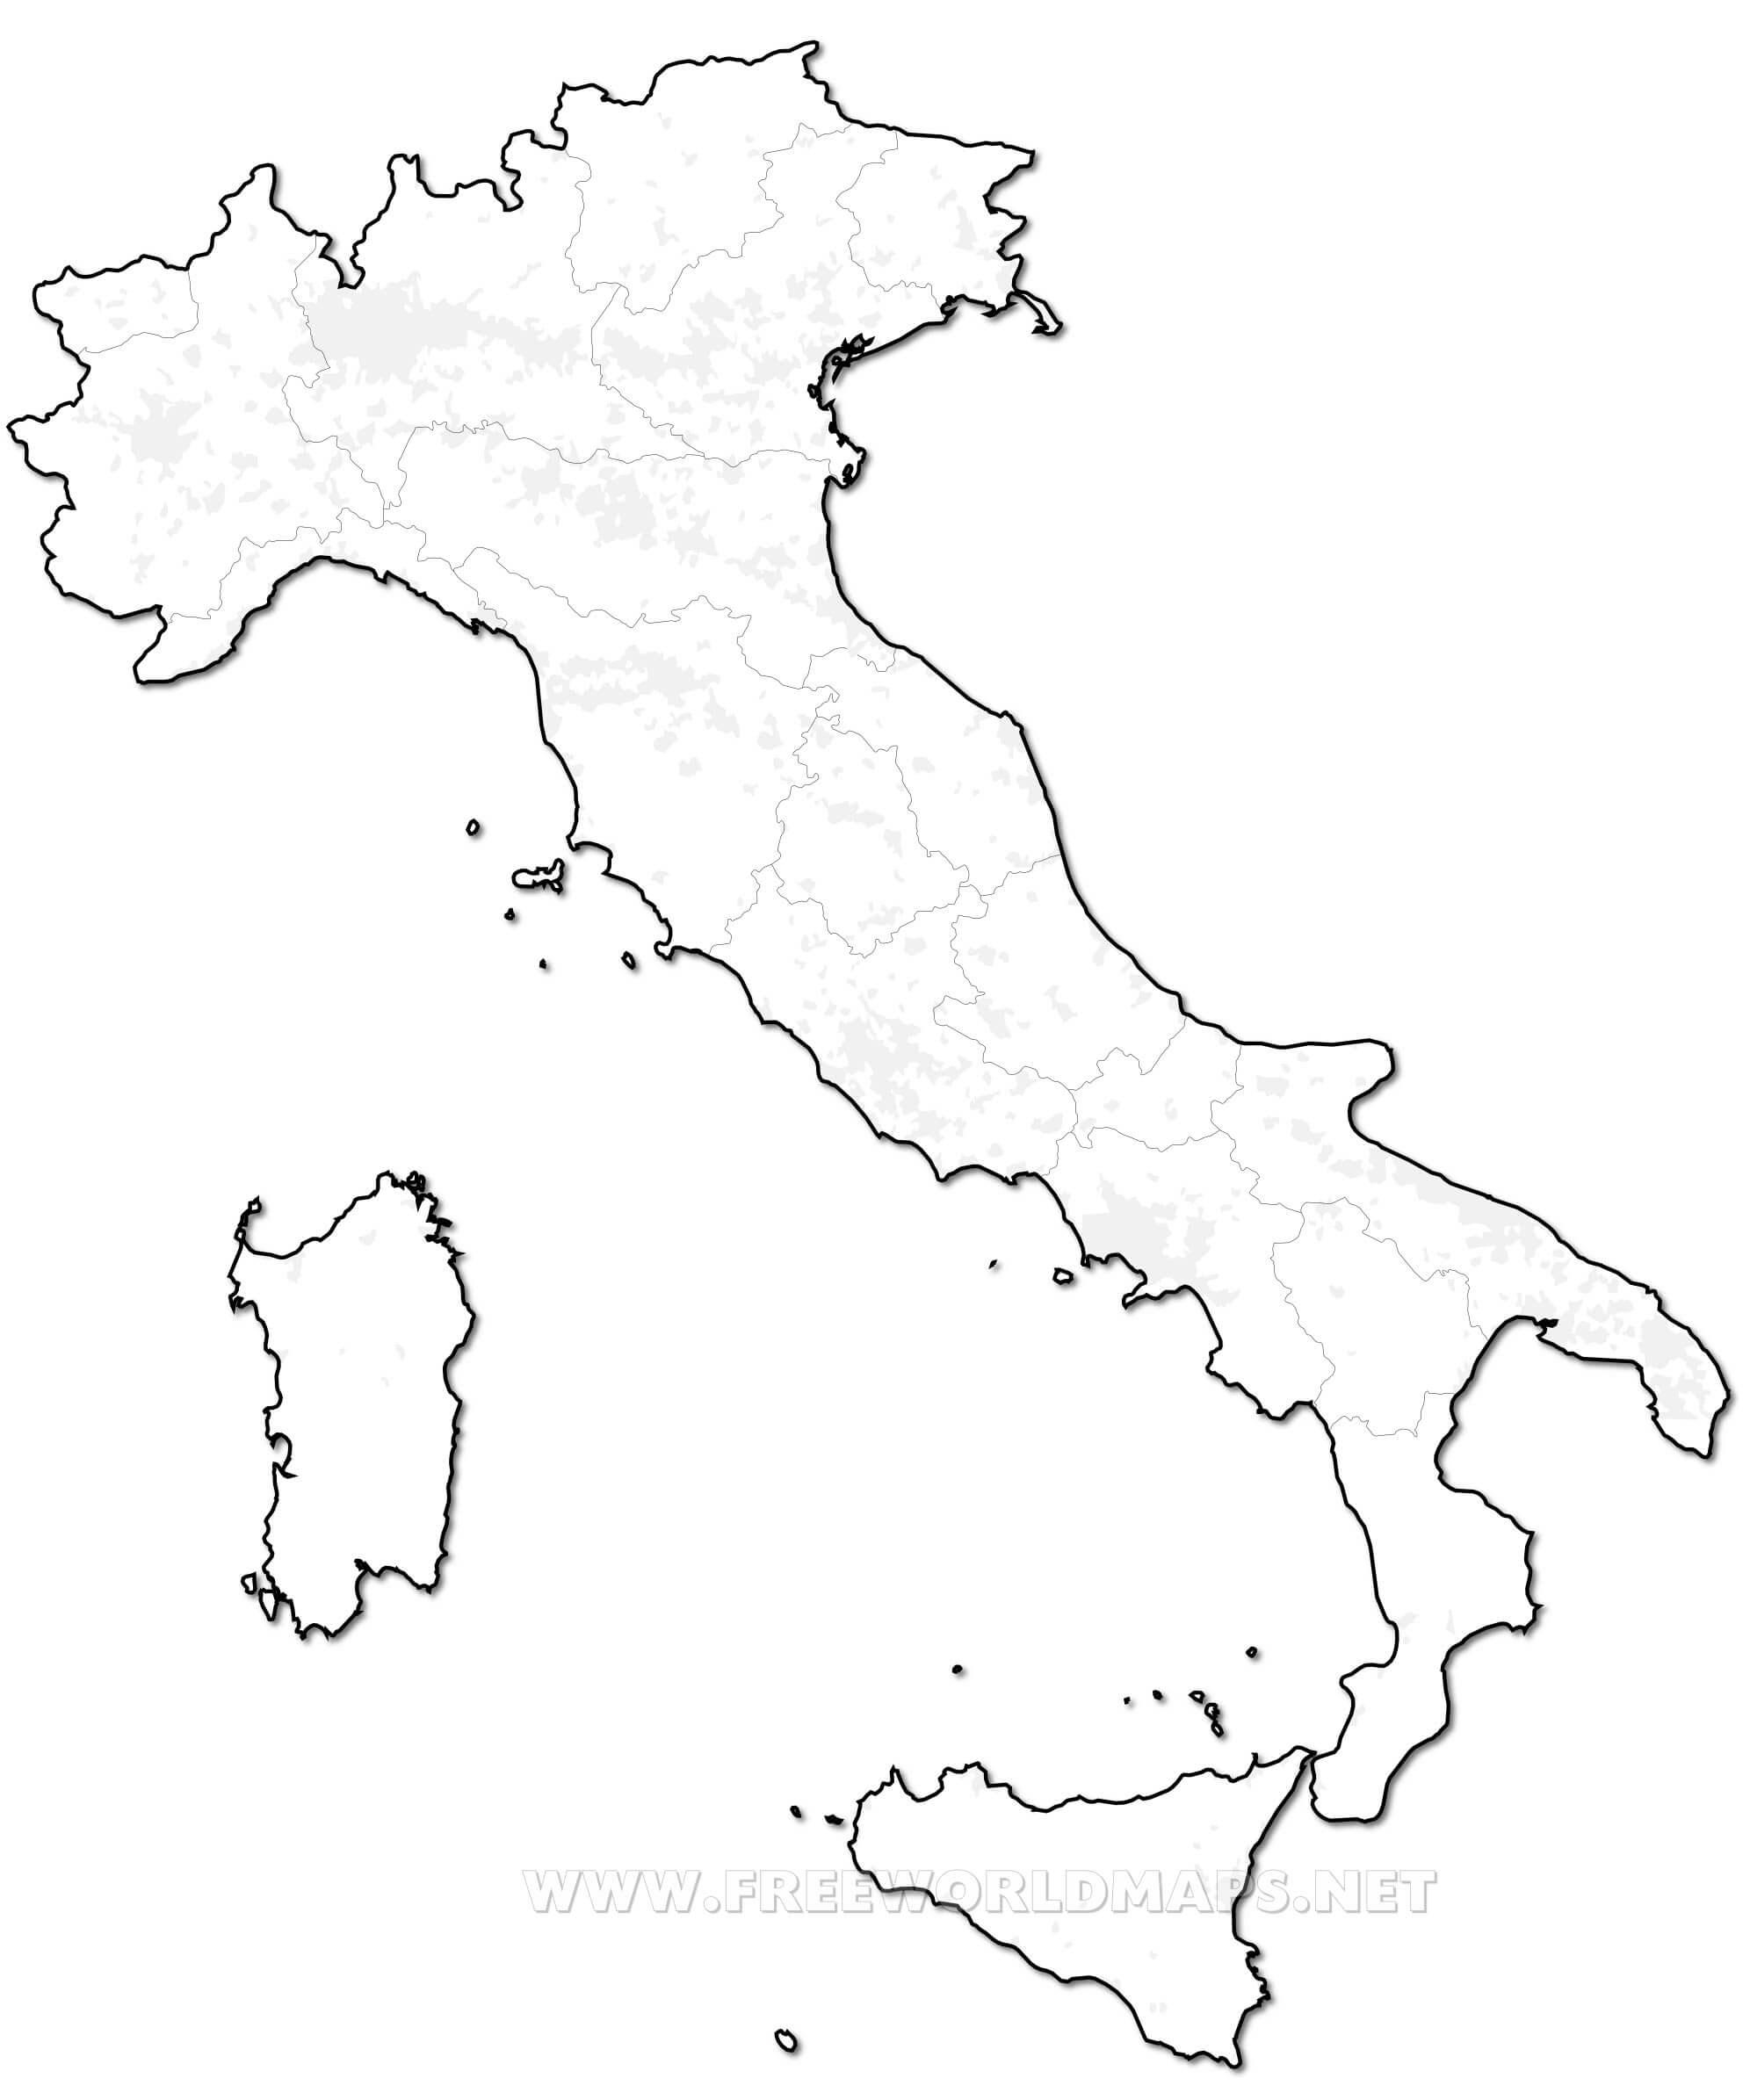 Mapa De Italia Mudo.Mapa De Italia